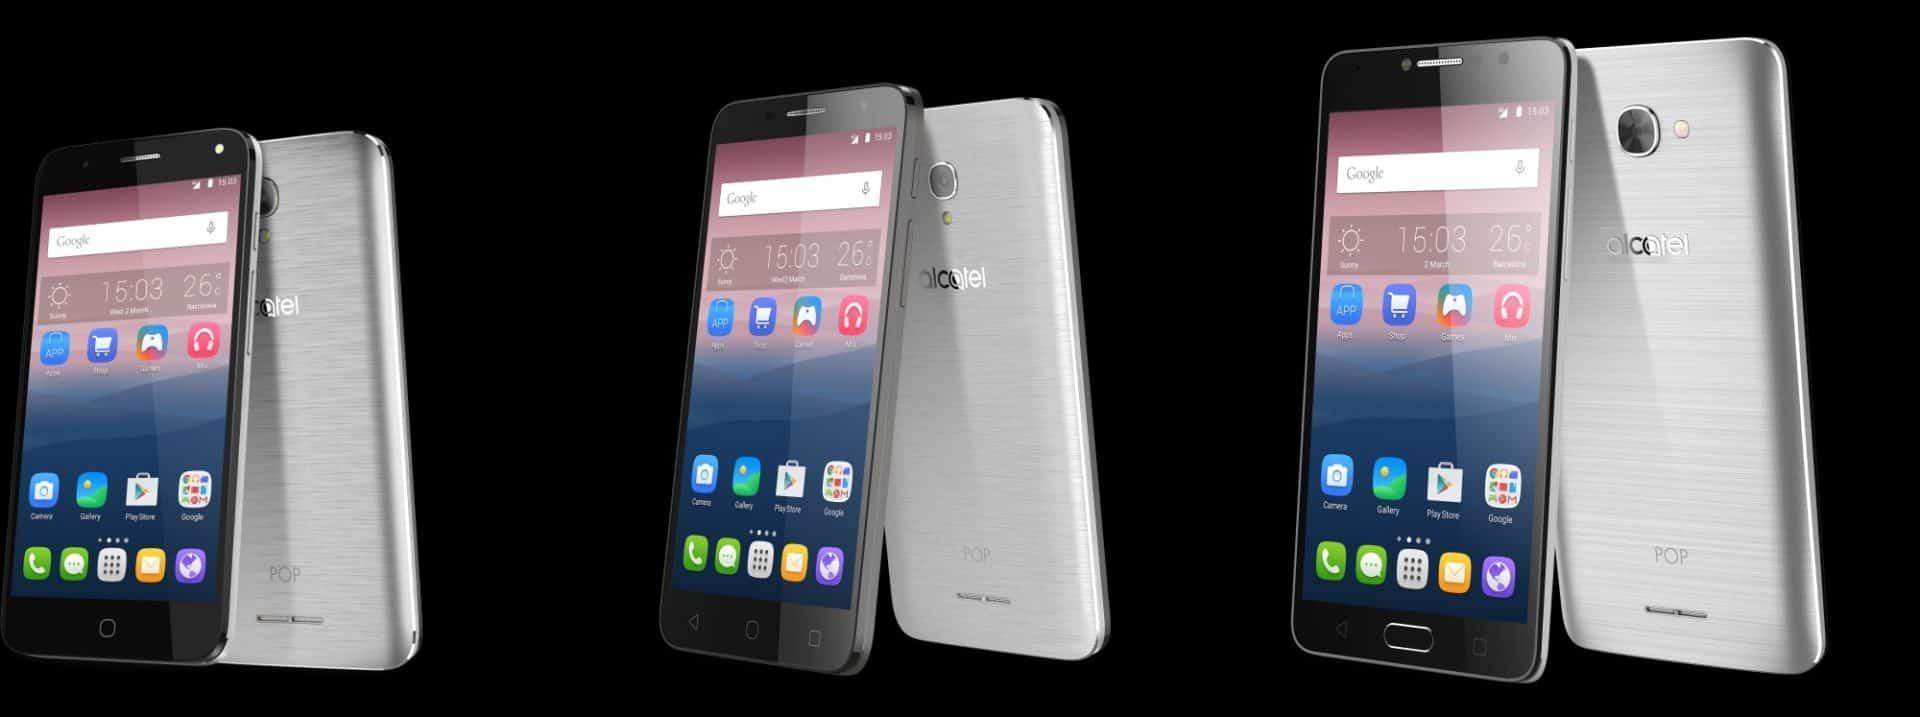 Levné smartphony od Alcatelu - POP 4, POP 4 PLUS a POP 4S